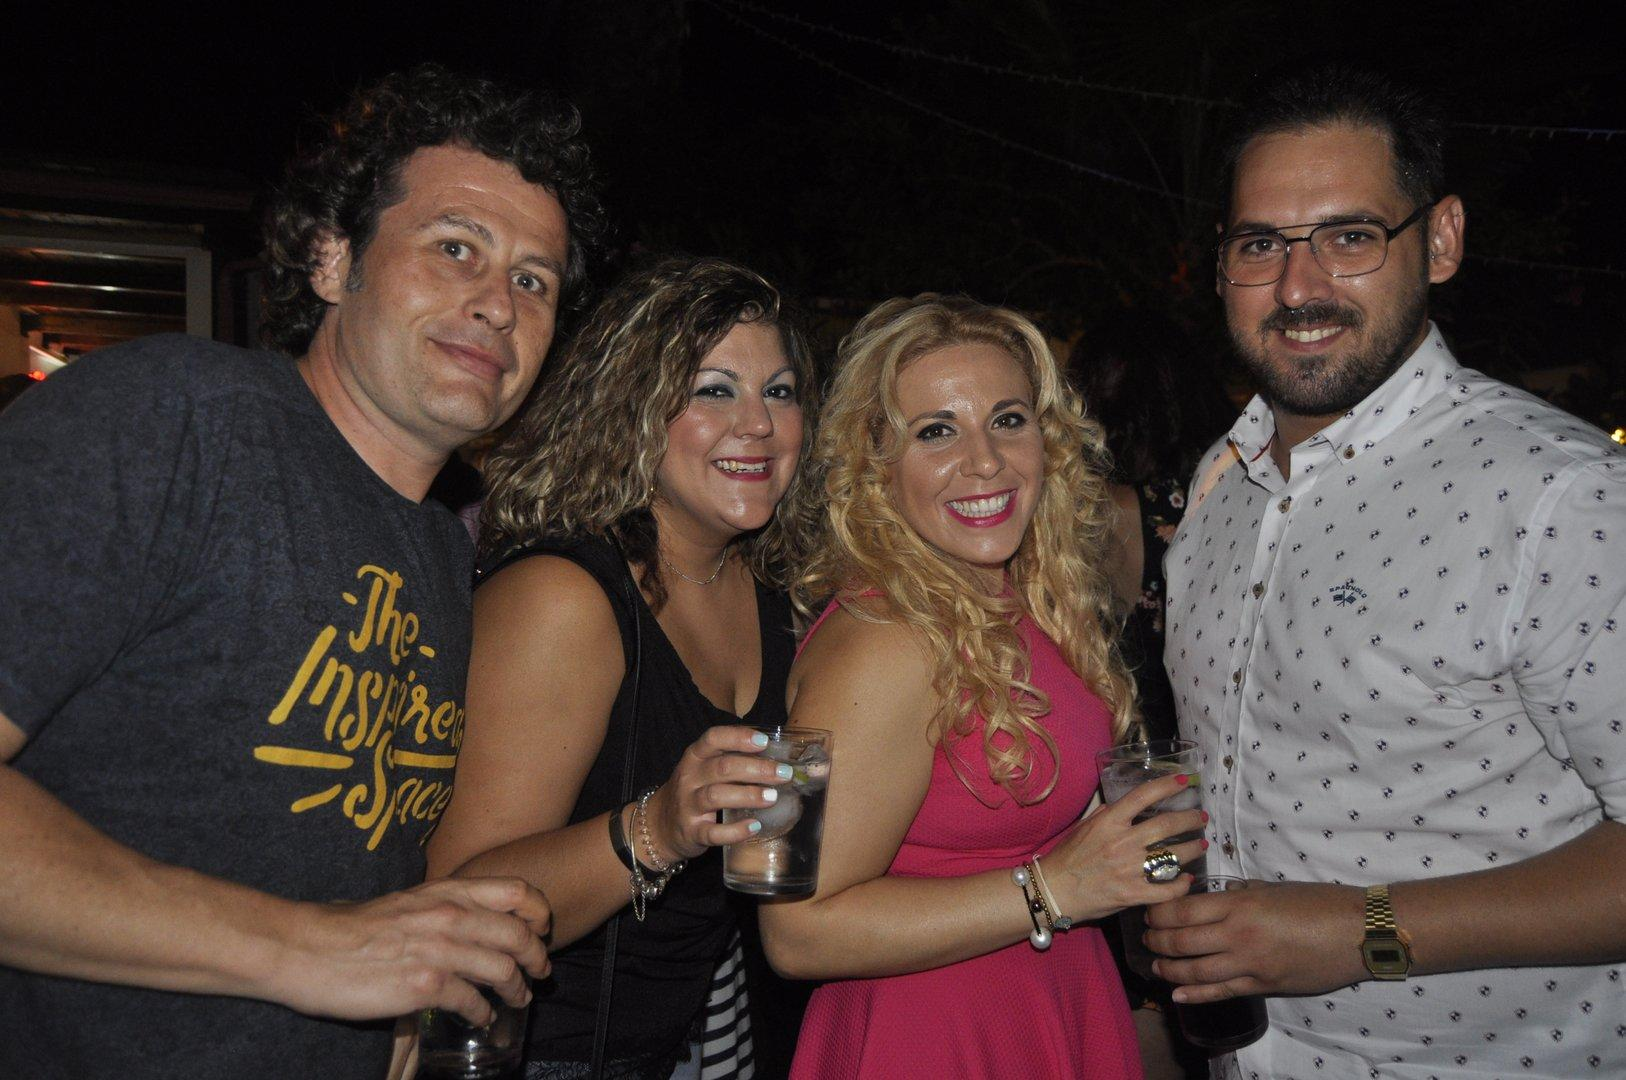 La Casa Pintada-Fiestas de Ceuti 2017-Viernes 11 de Agosto